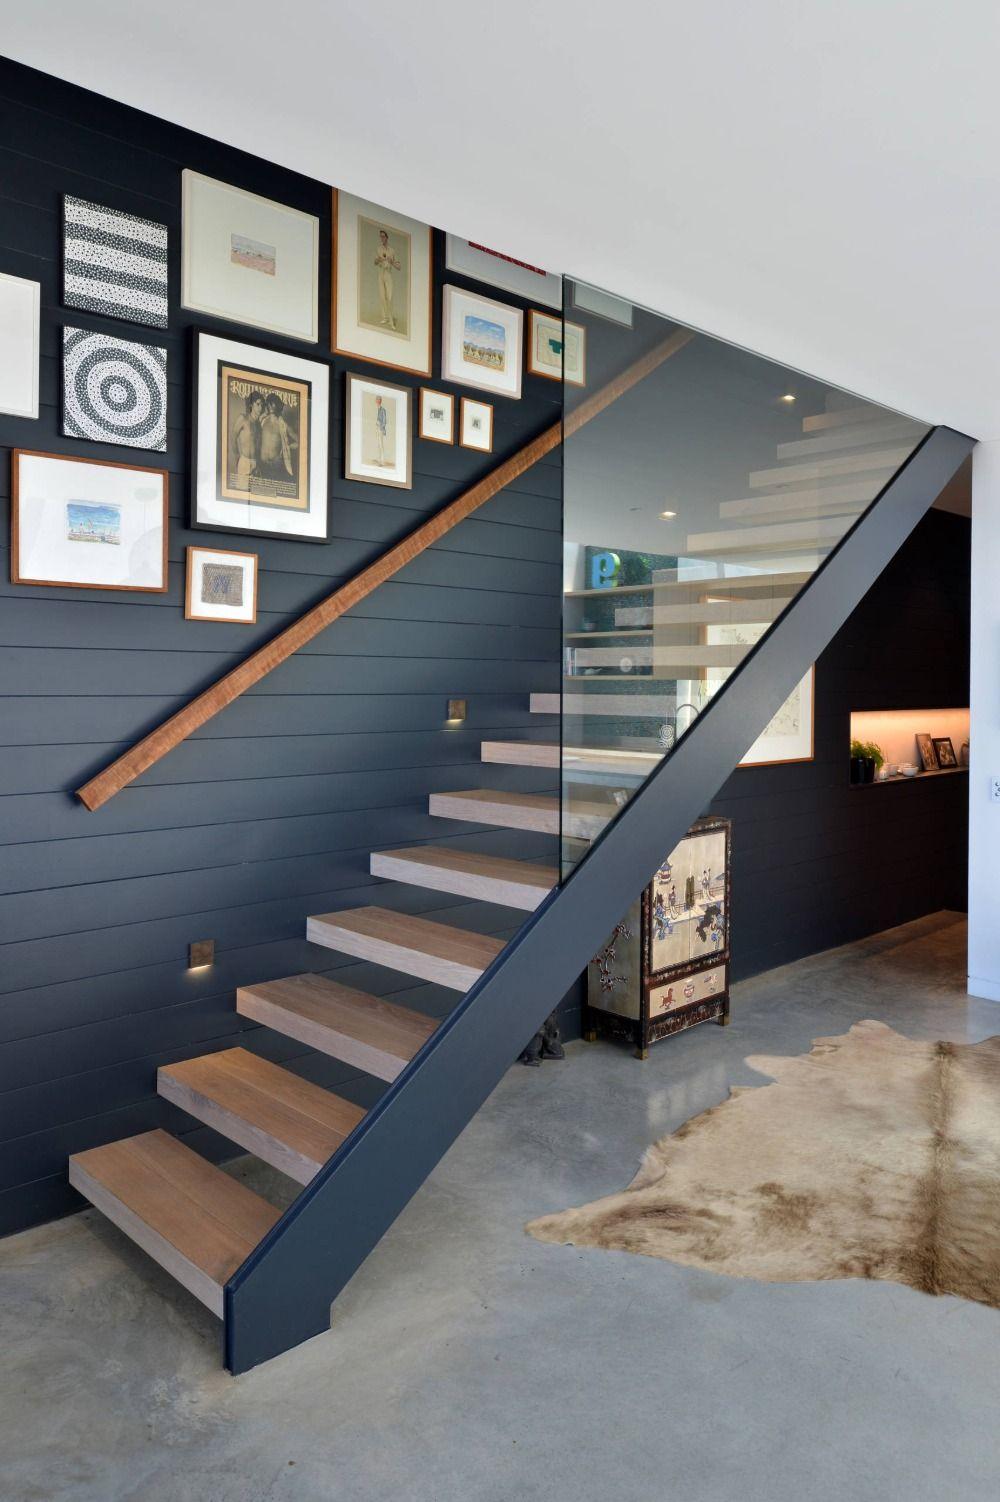 Modernes Treppenhaus Deko Mit Retro Bildern Und Glastennwand Kombinieren Escaleras Texturas Diseno De Interiores